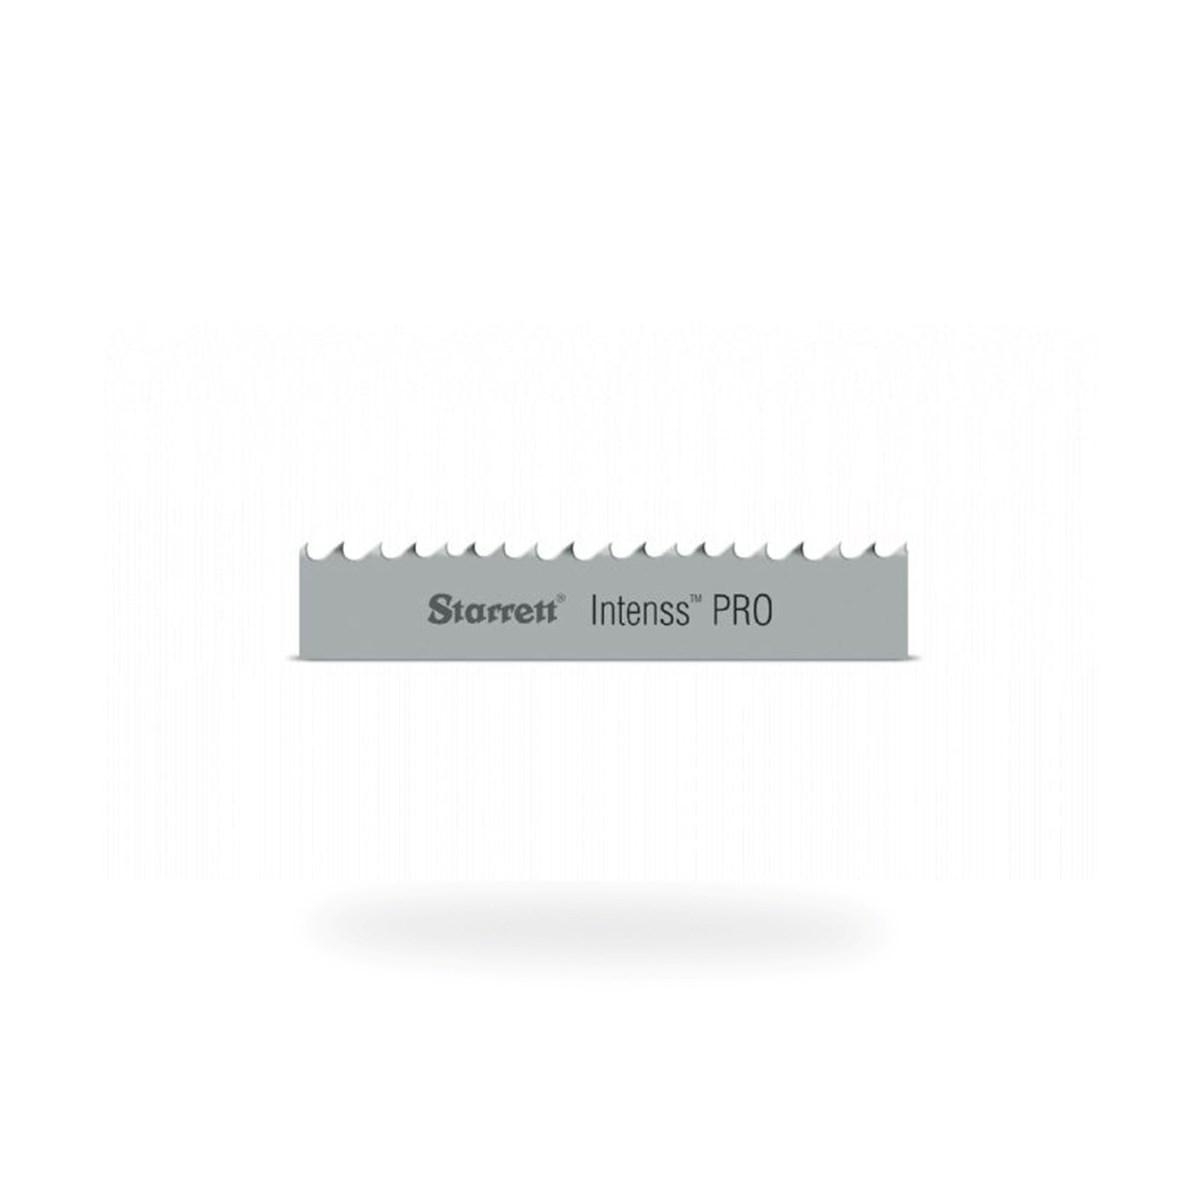 IP41X4-6/P-5,20 S.FITA BIMETAL INTENSS PRO 41X1,30X4-6/IP-P-R